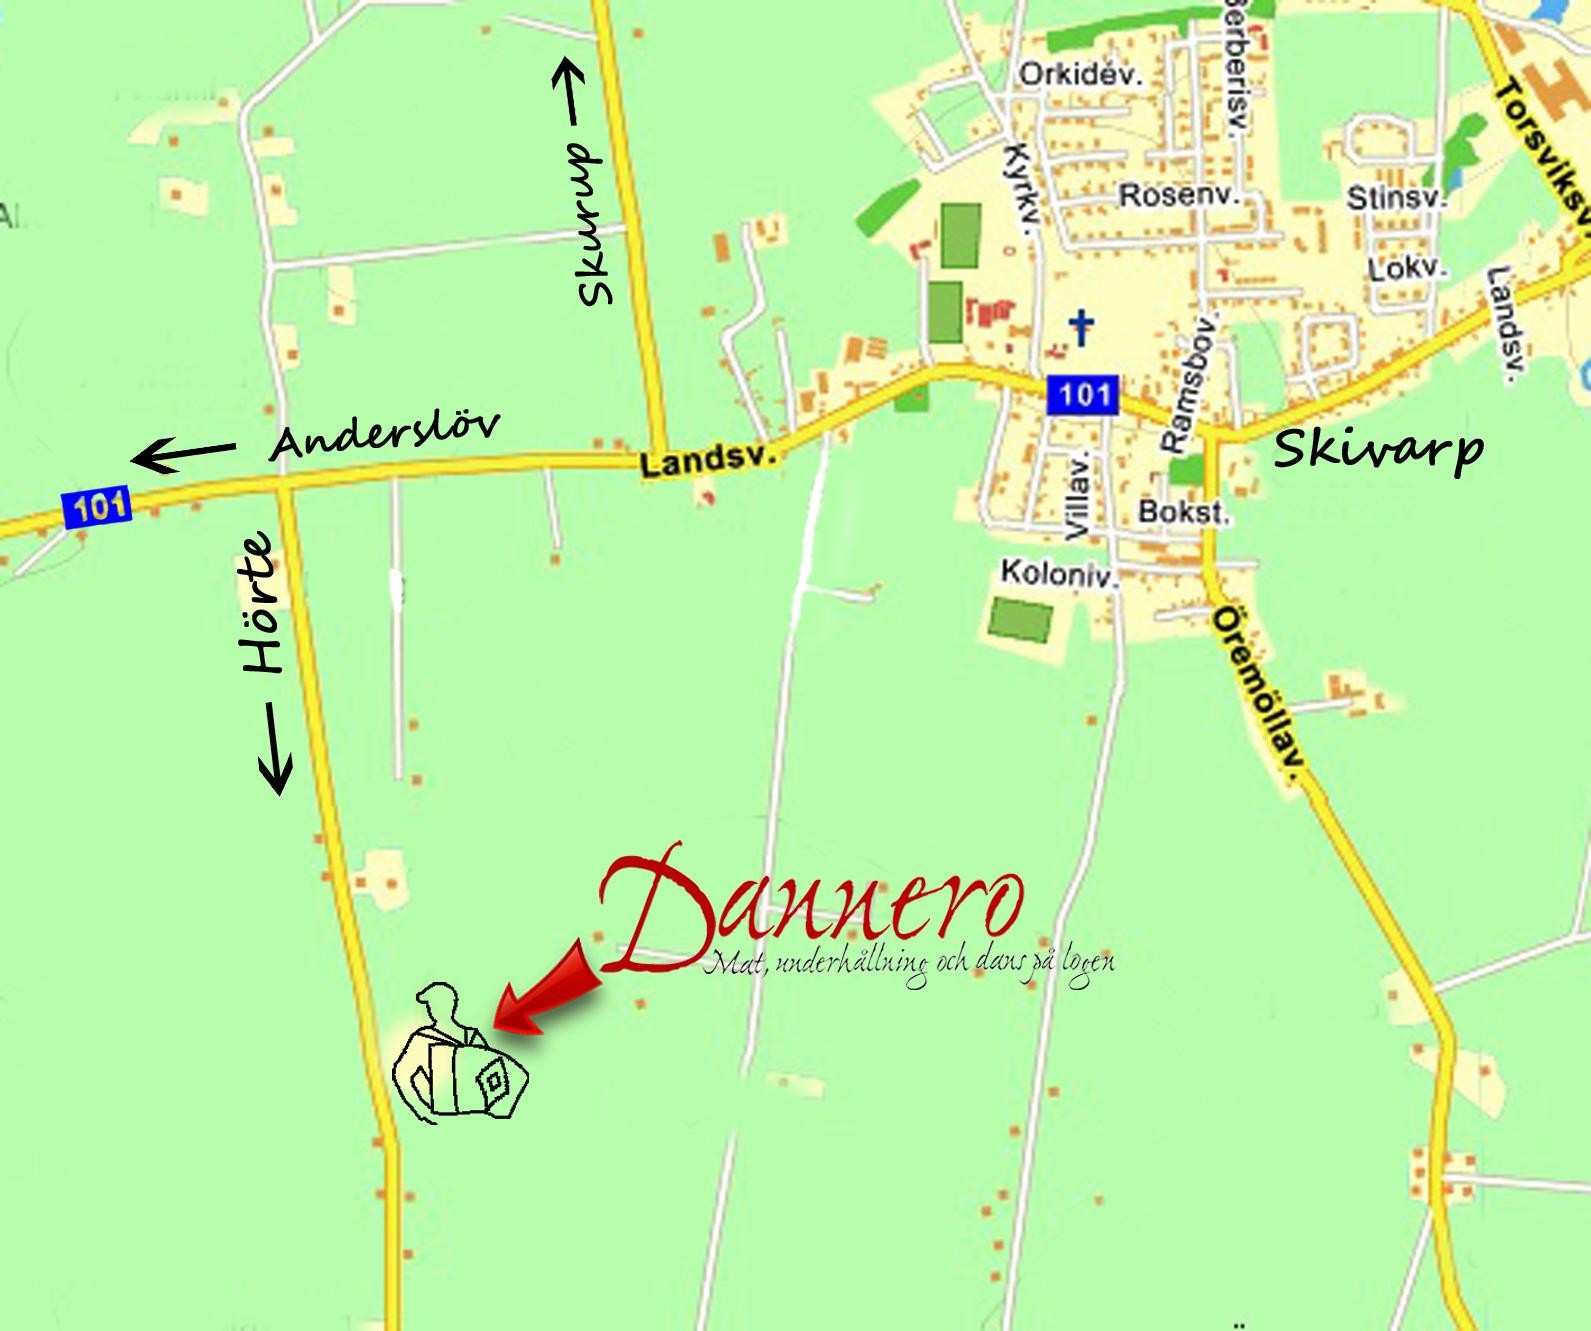 Karta till Dannero